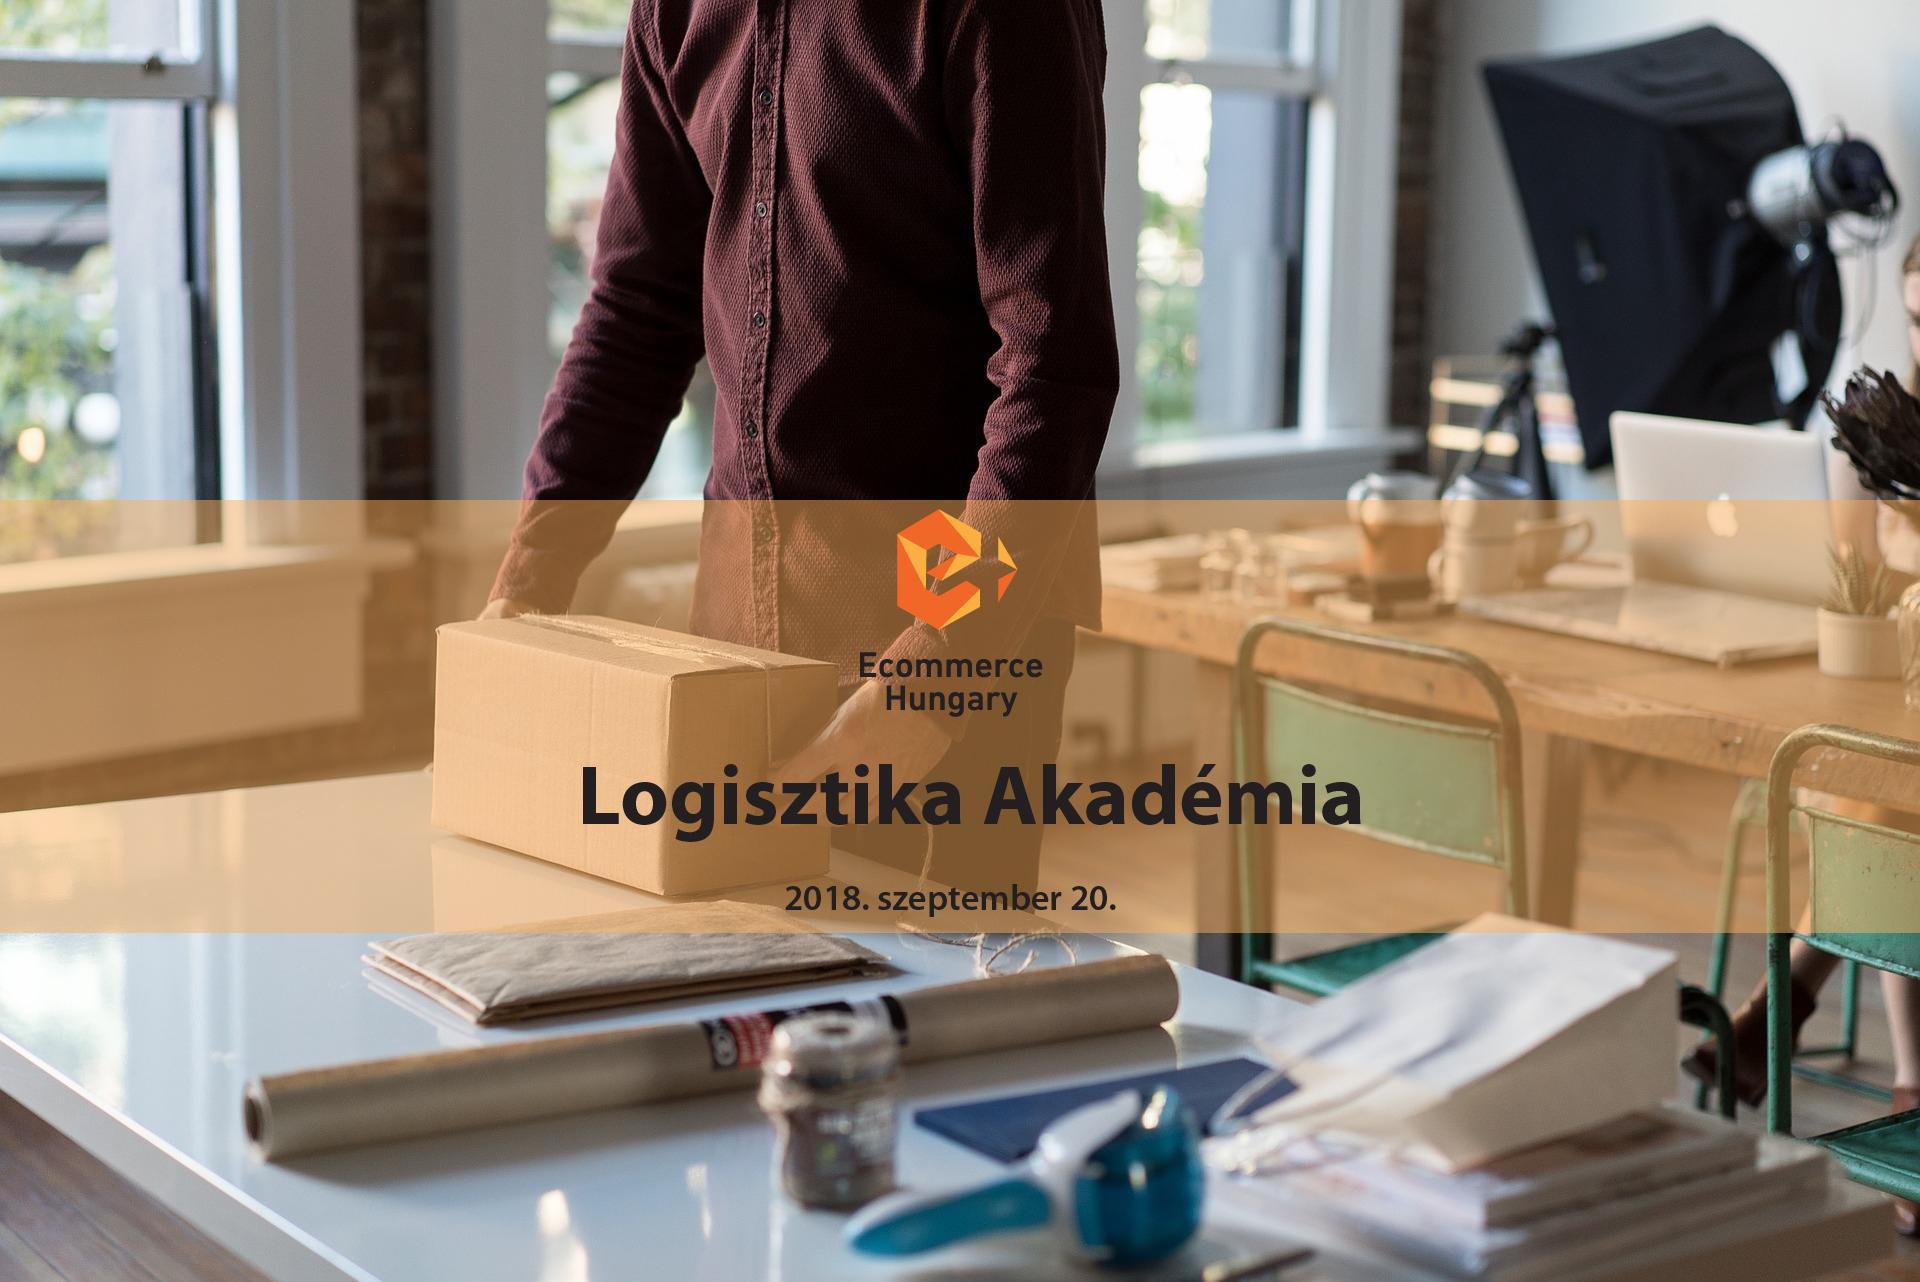 Logisztika Akadémia